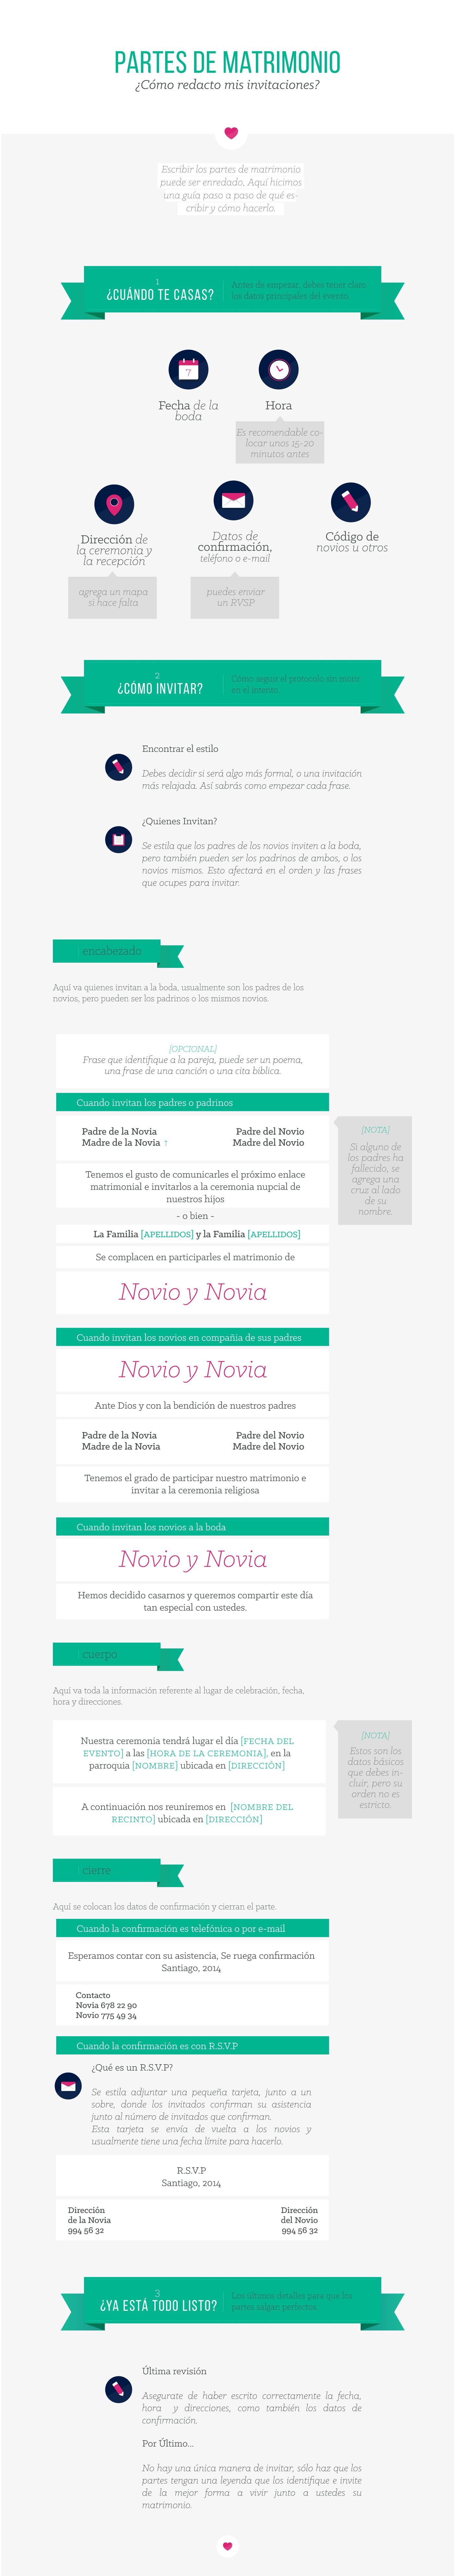 Cómo redactar tus partes de matrimonio, tips y ejemplos